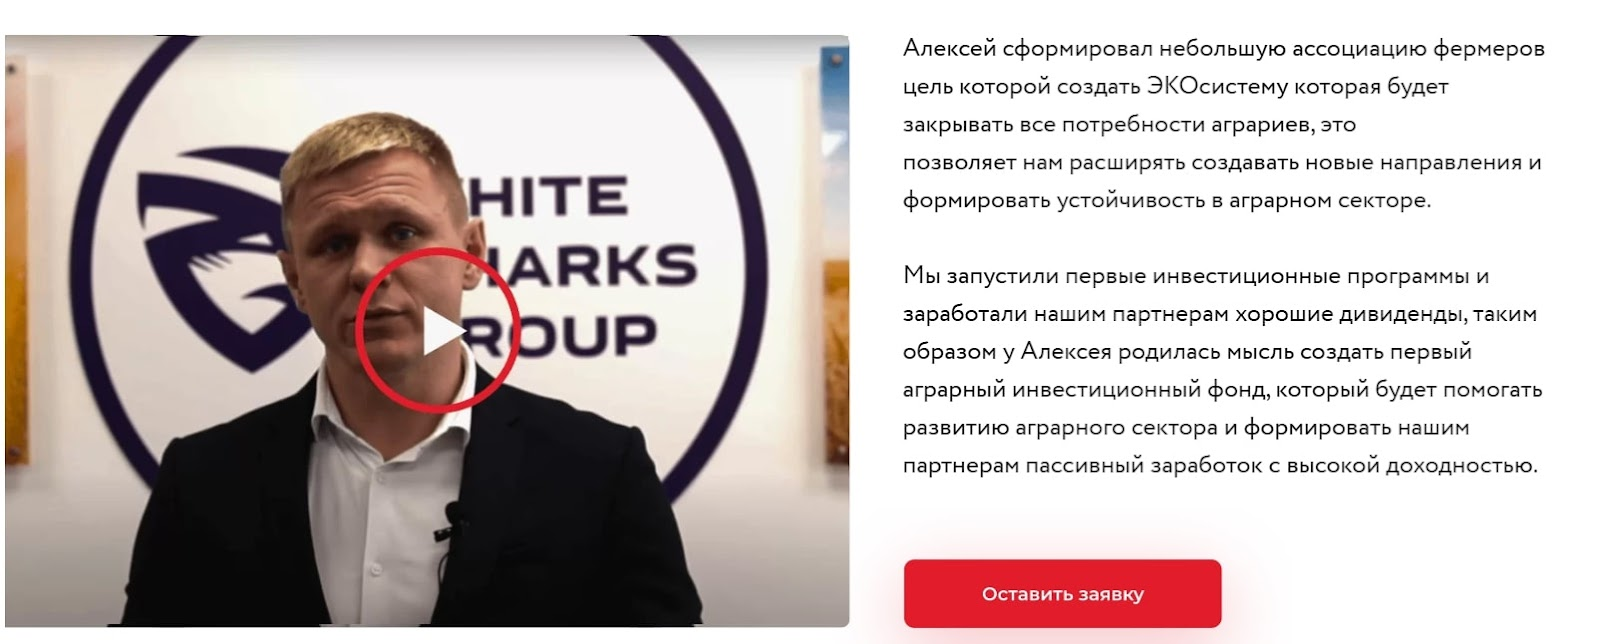 Инвестирование в White Sharks Capital: обзор проекта, отзывы